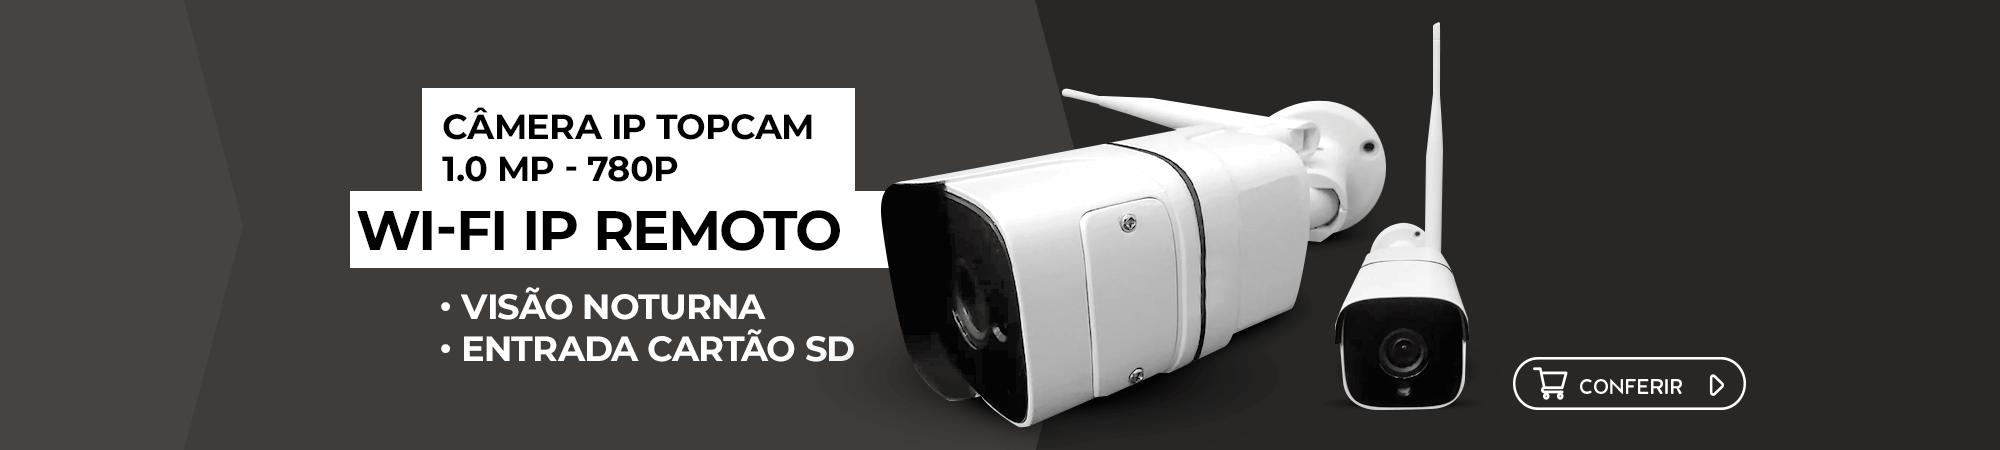 Câmera IP Topcam é aqui. Clique e confira!